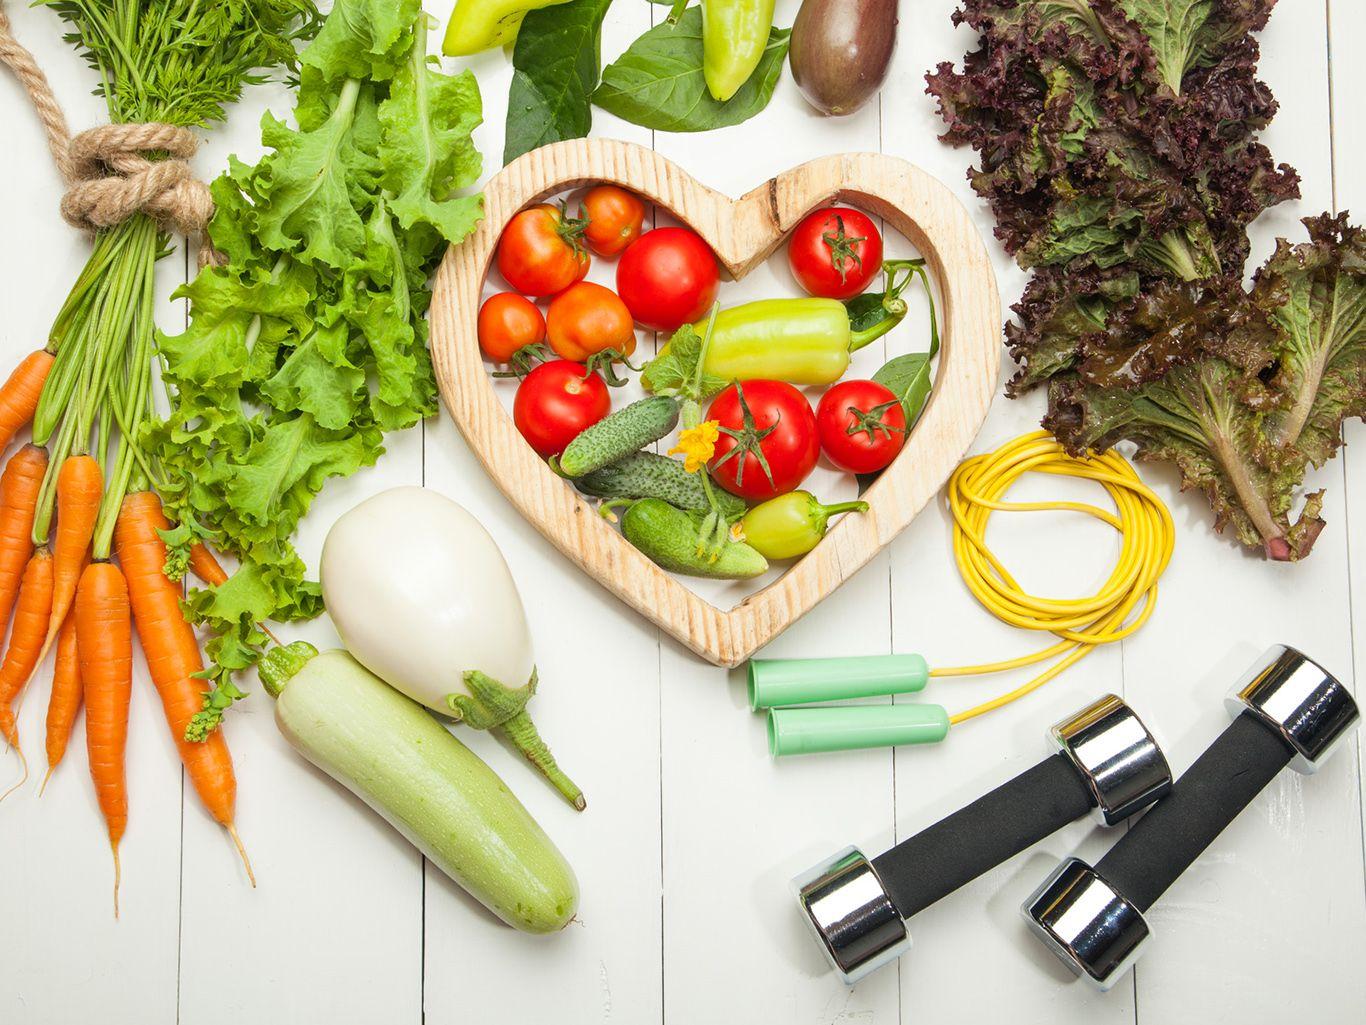 Диета Для Здорового Образа Жизни. Меню правильного питания на неделю